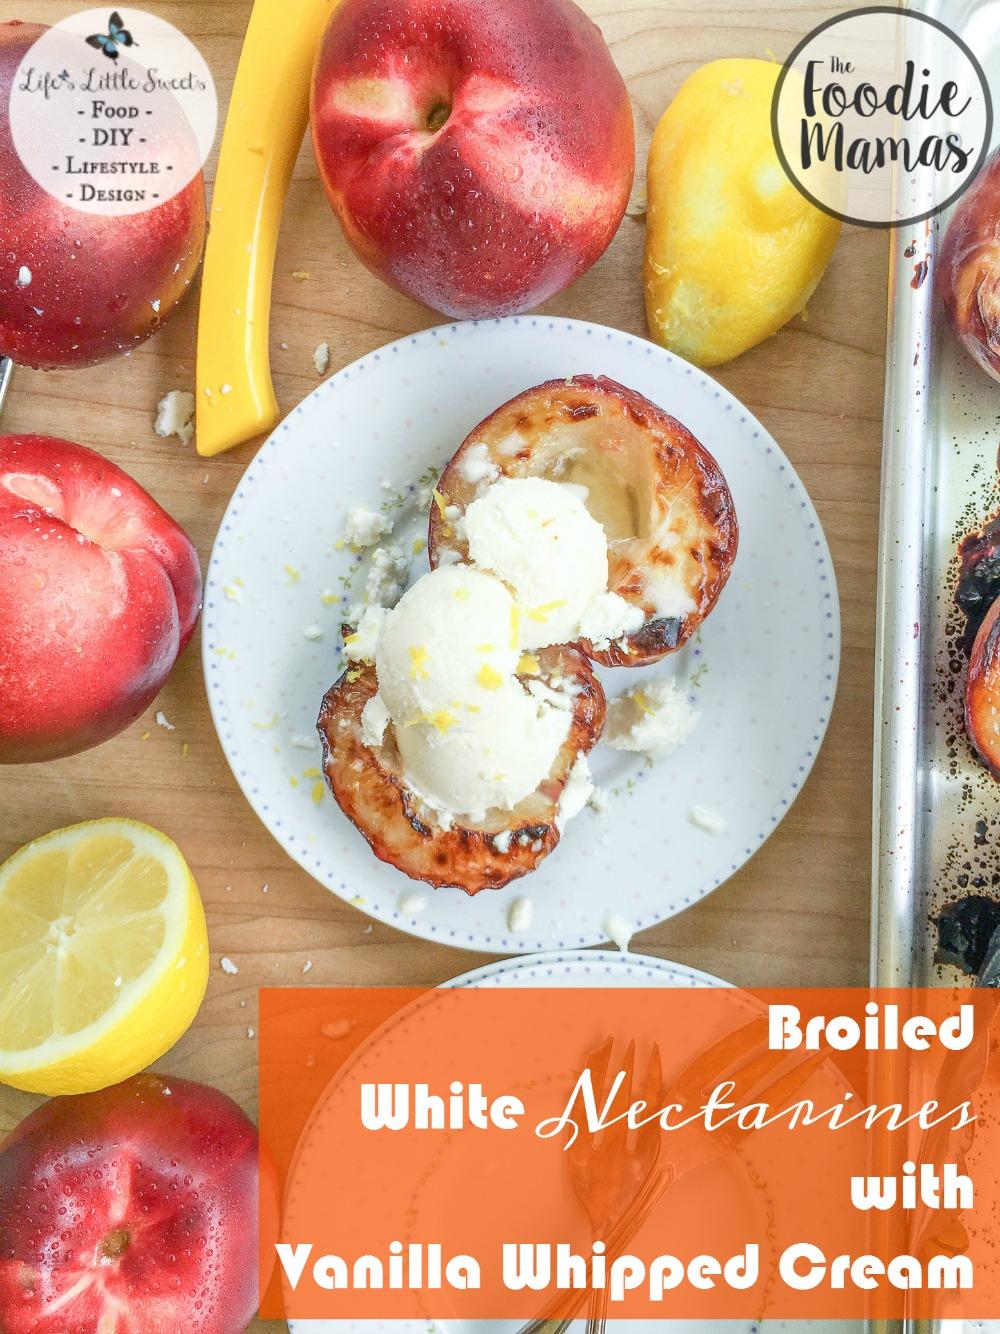 Broiled White Nectarines with Vanilla Whipped Cream www.lifeslittlesweets.com Sara Maniez 1000x1334